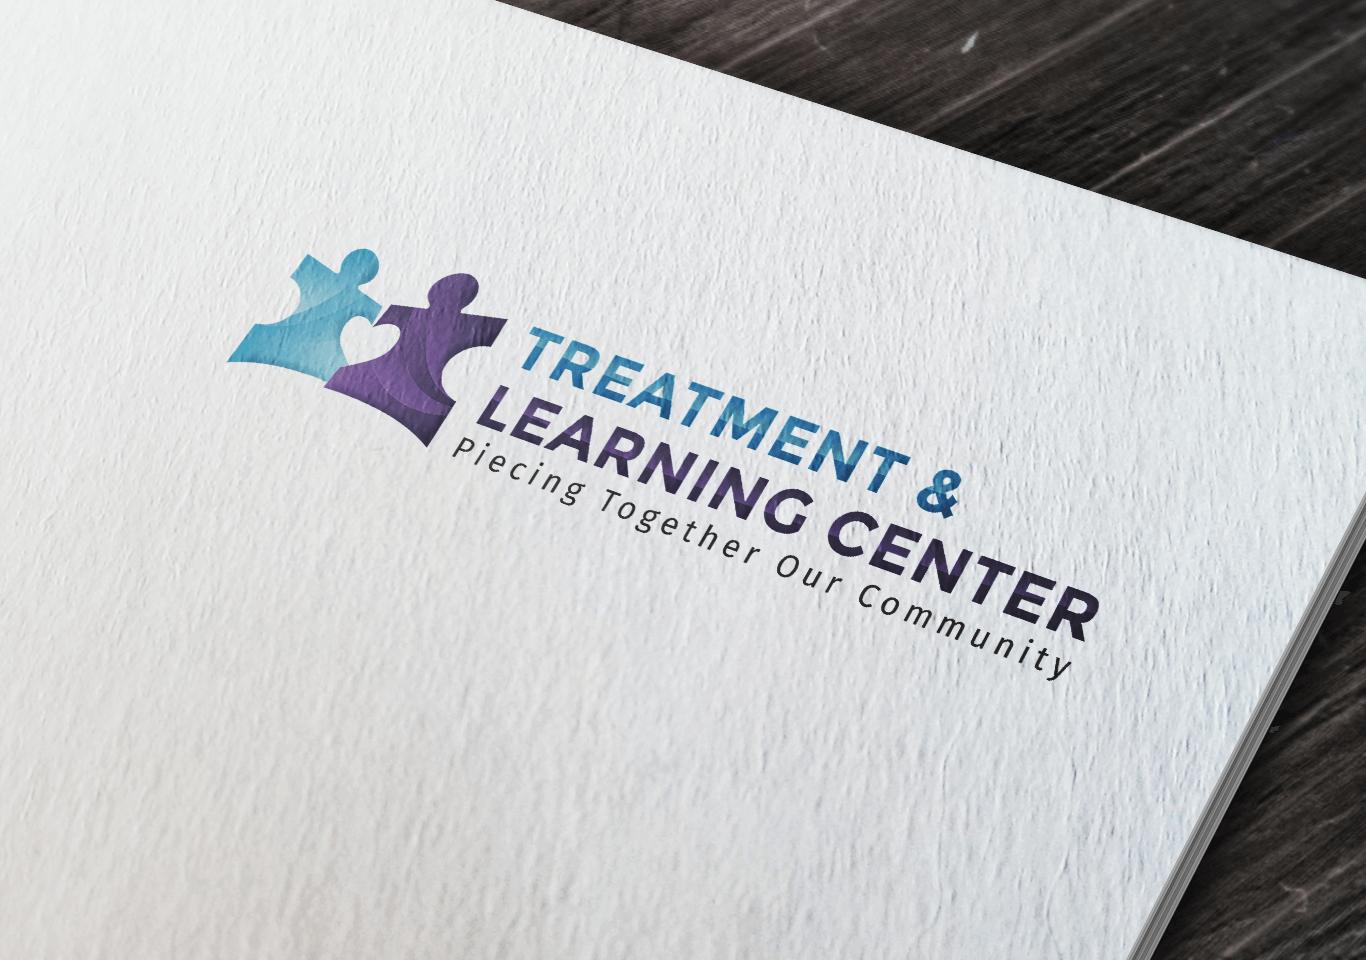 Treatment & Learning Center Branding